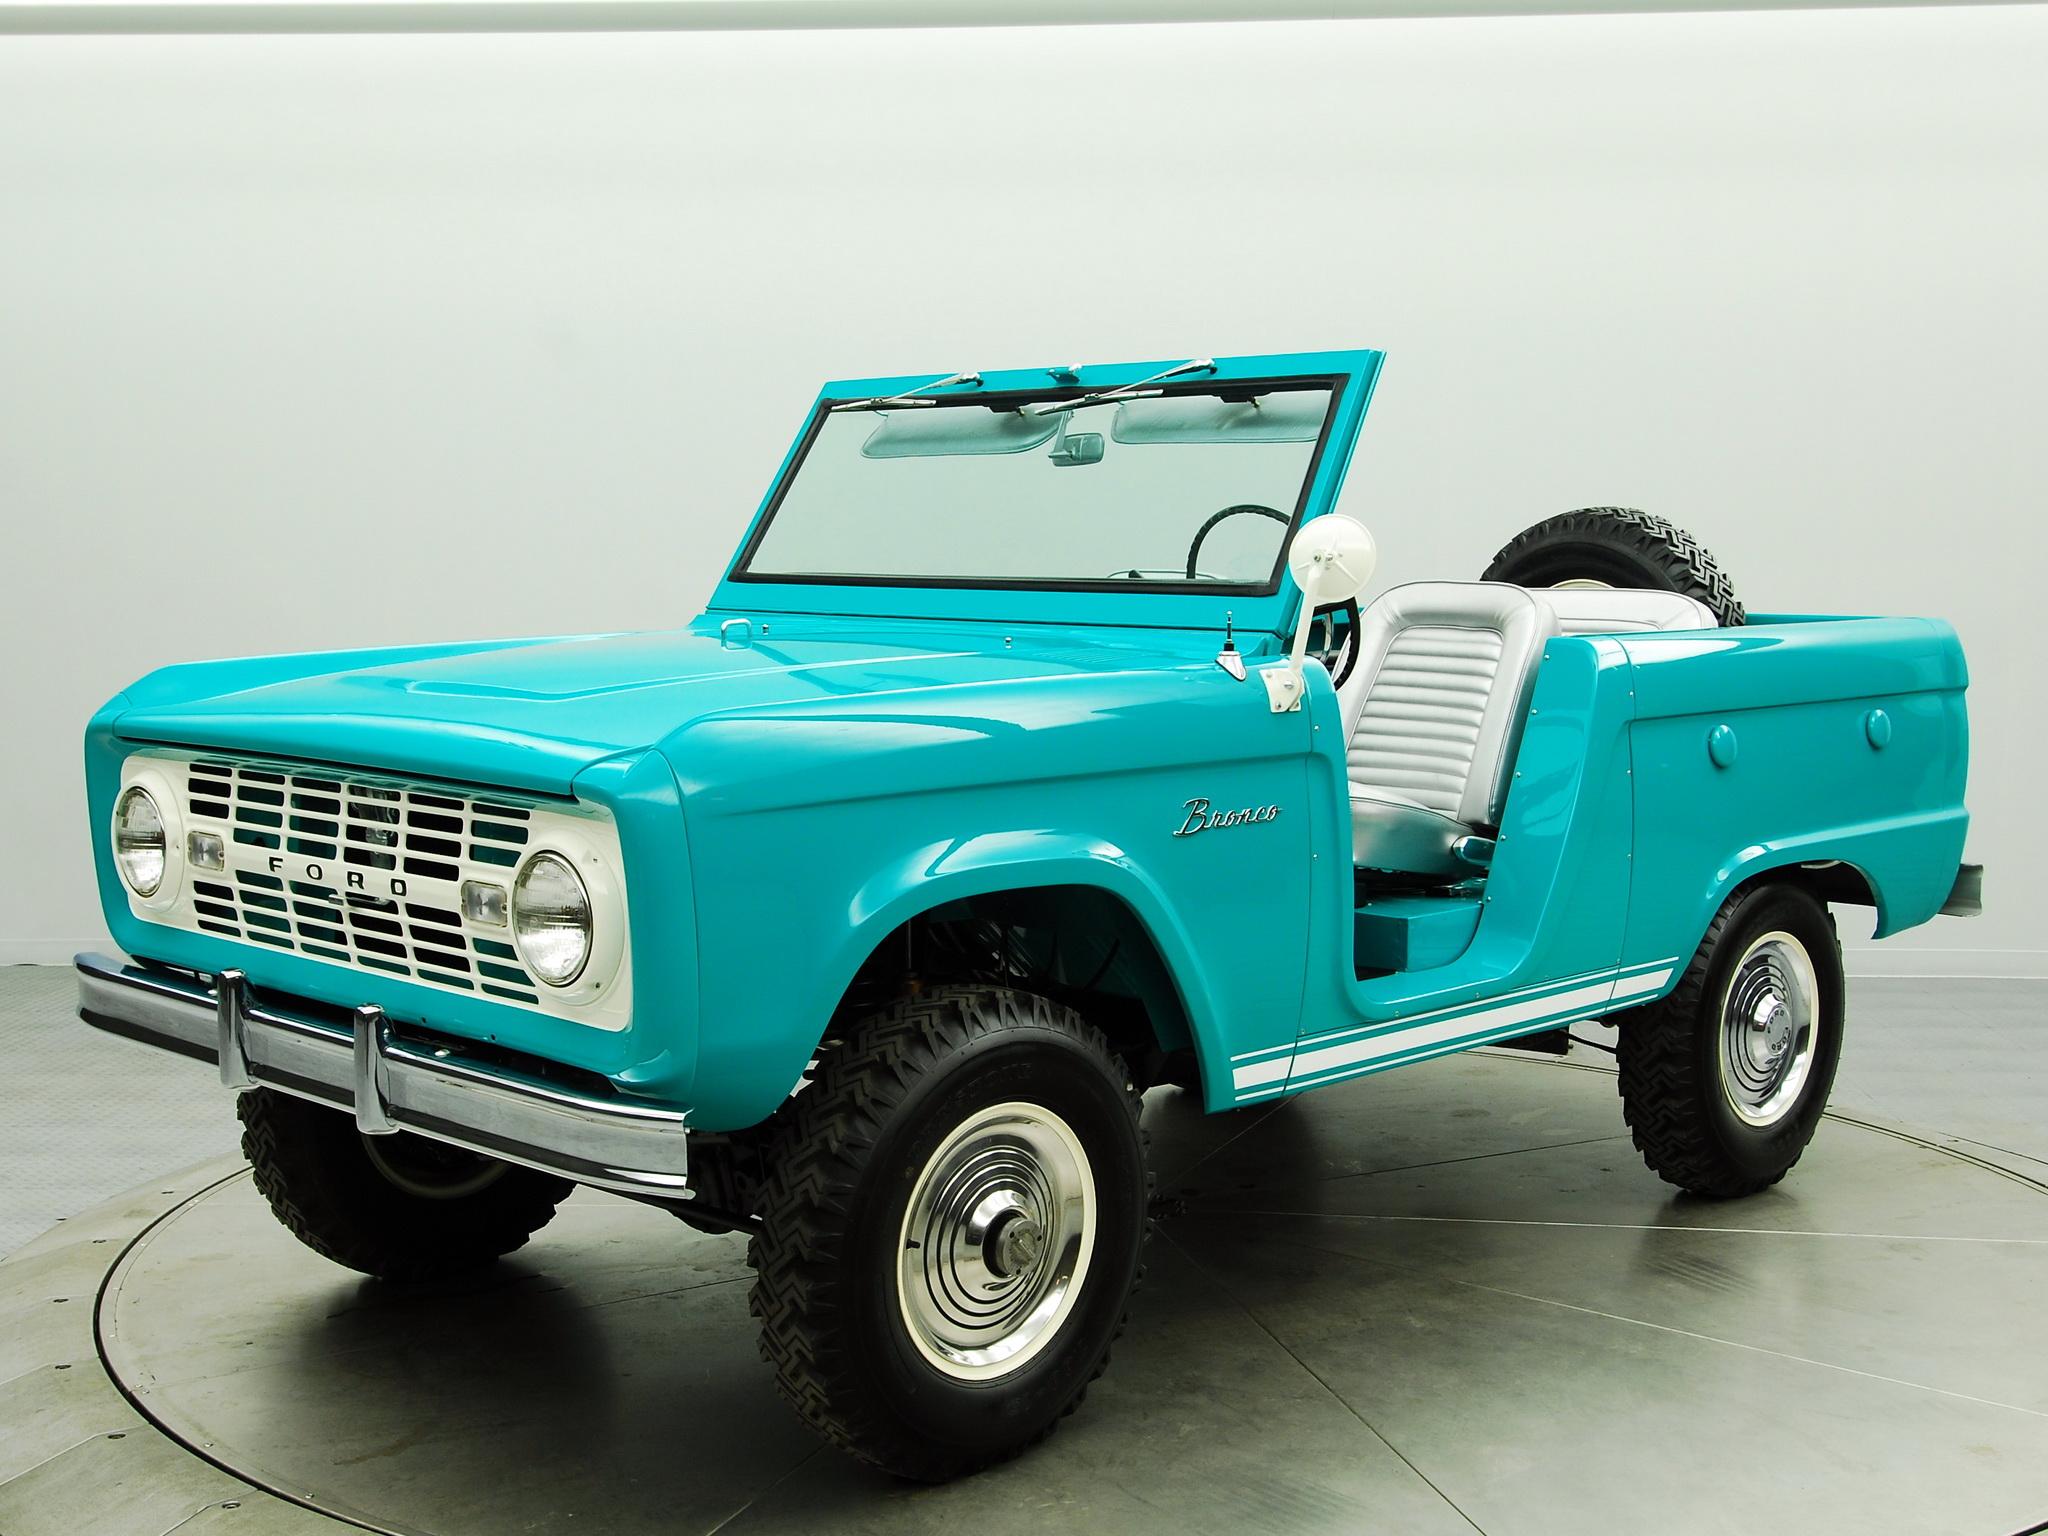 El Ford Bronco trasmitió durante cuatro generaciones la idea del indomable modelo americano.